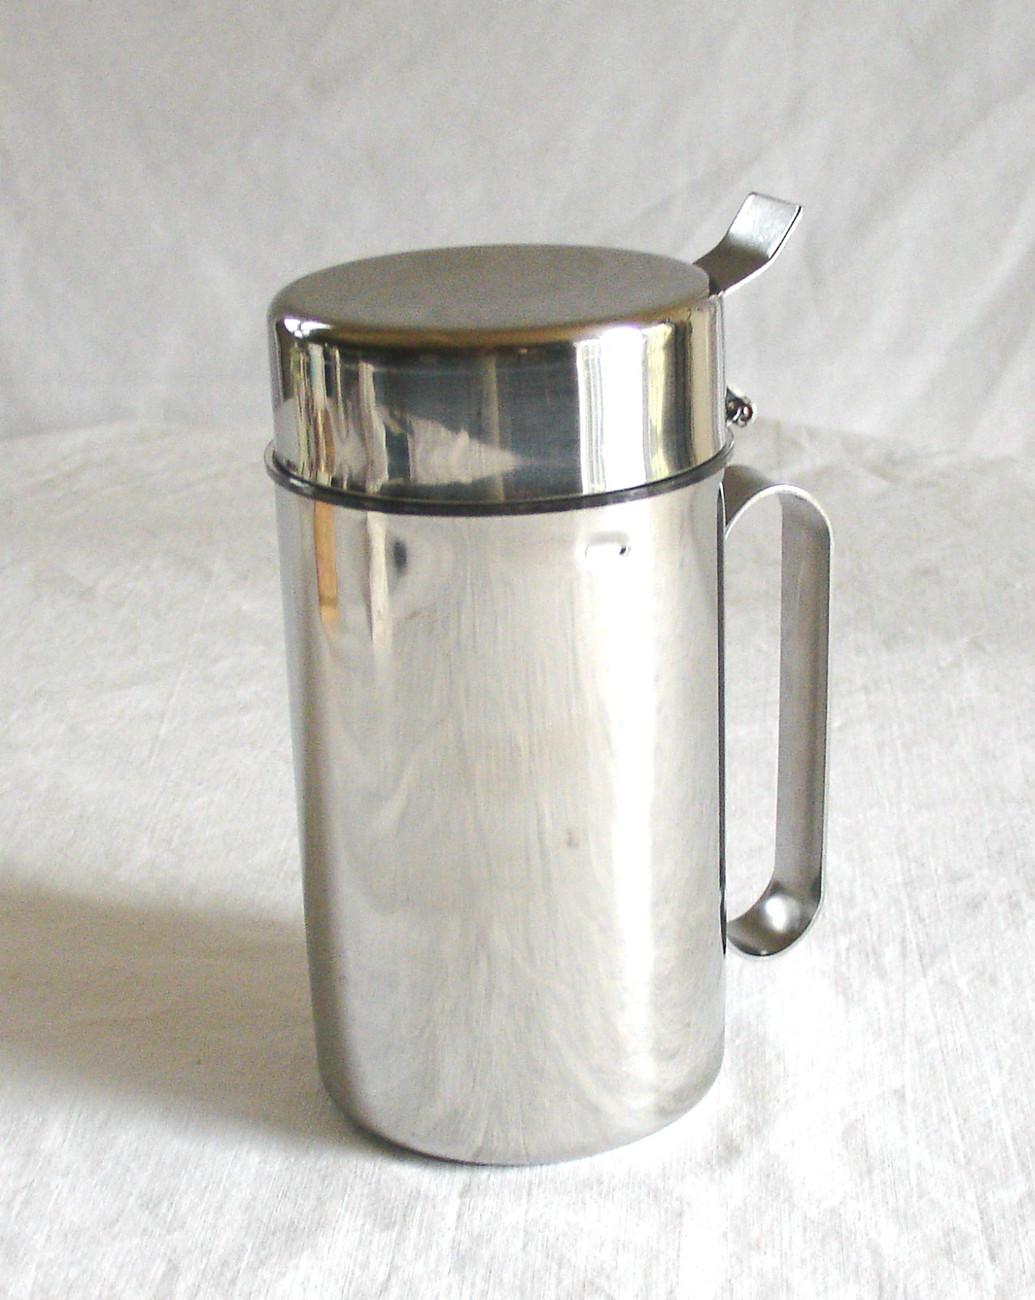 ekco stainless steel dripless olive oil oil batter or liquid dispenser oil vinegar dispensers. Black Bedroom Furniture Sets. Home Design Ideas